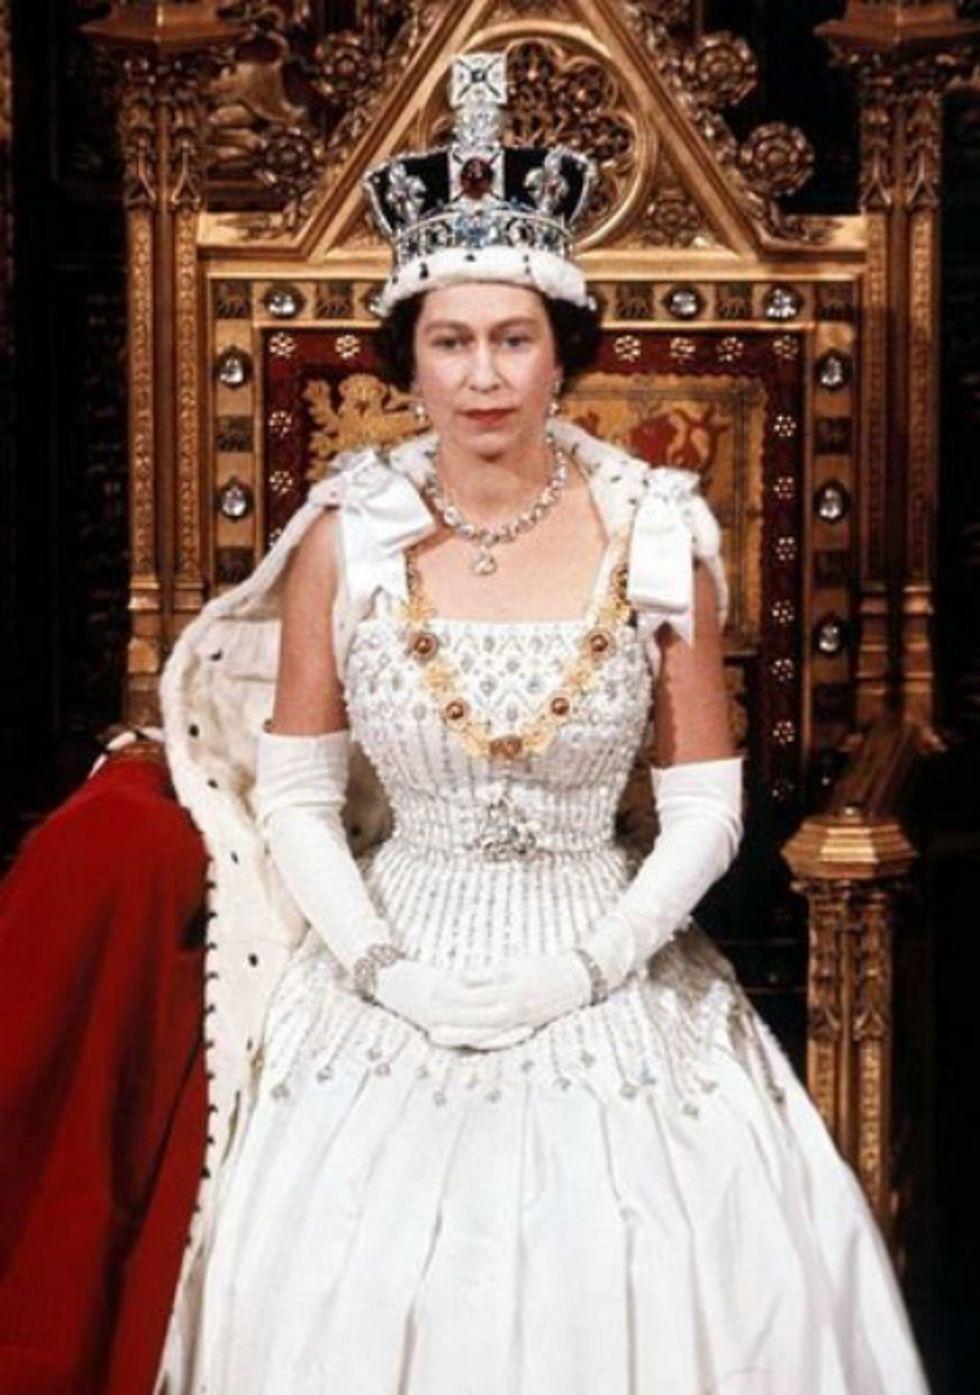 15 High Fashion Photos of a Young Queen Elizabeth